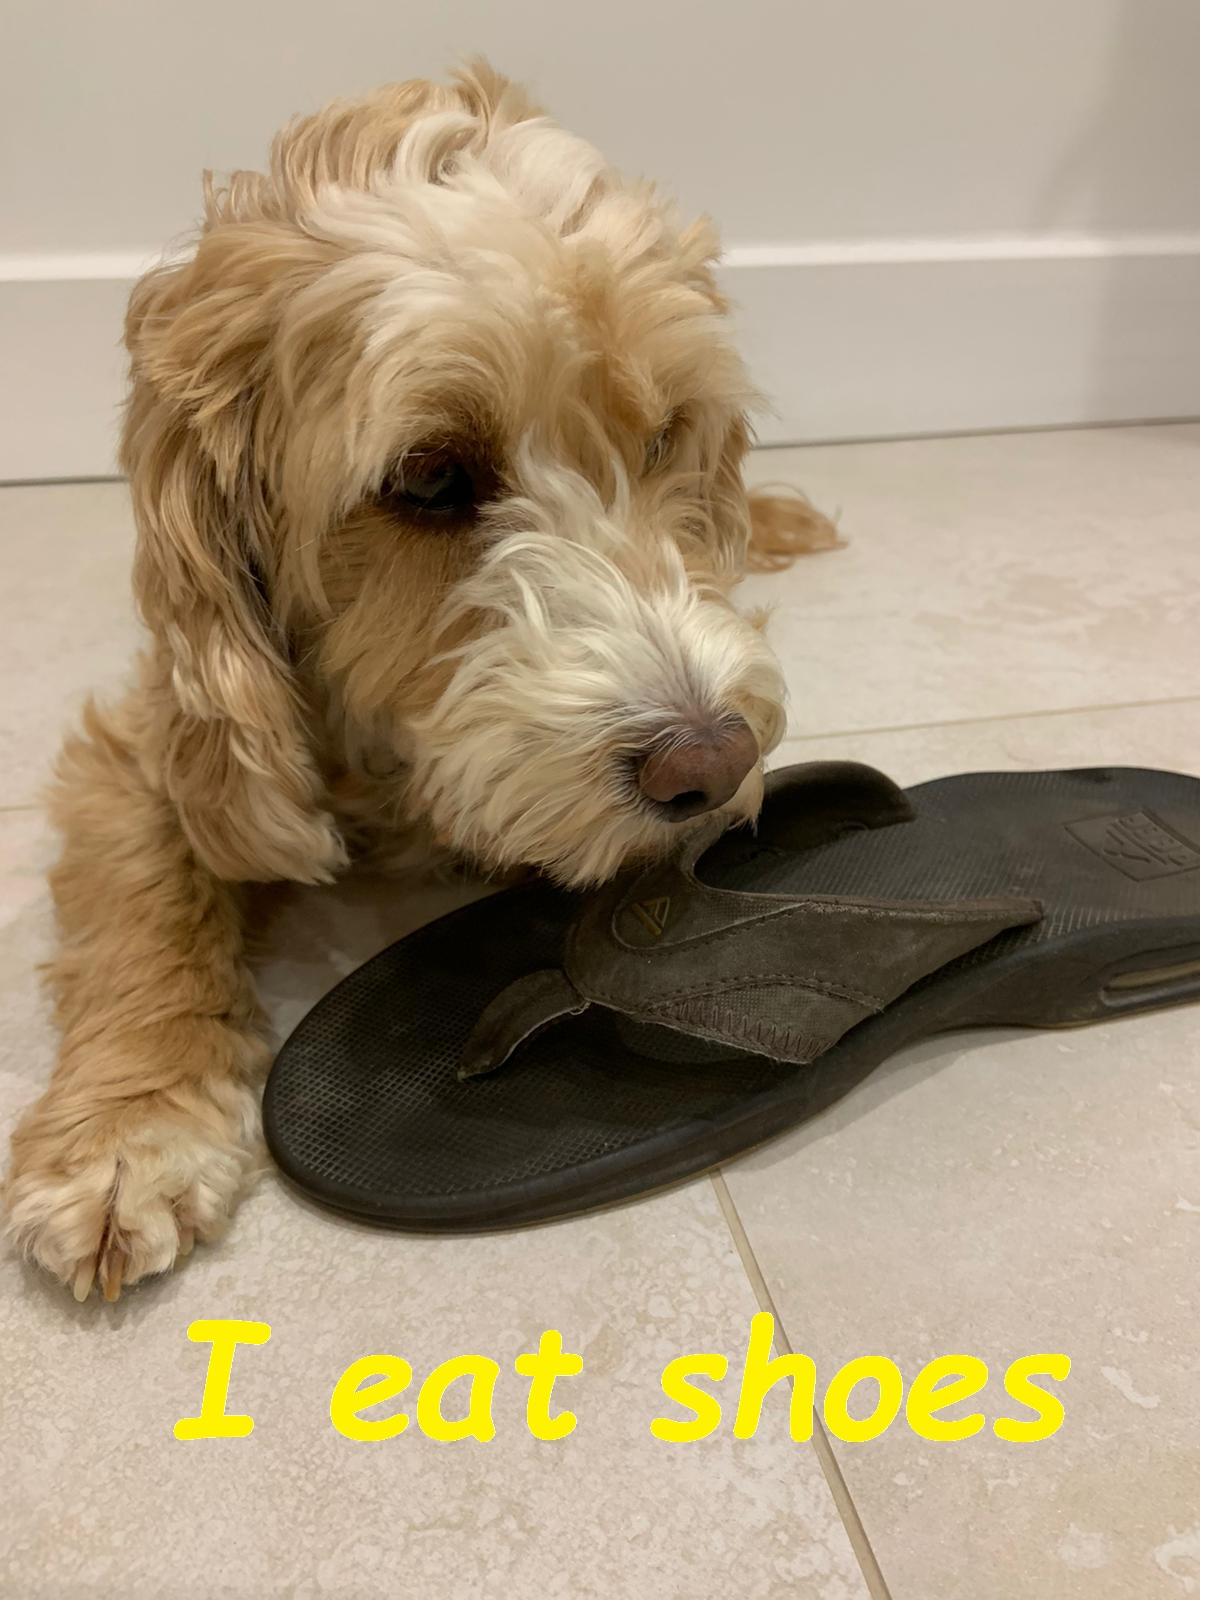 Dog 3. I eat shoes.